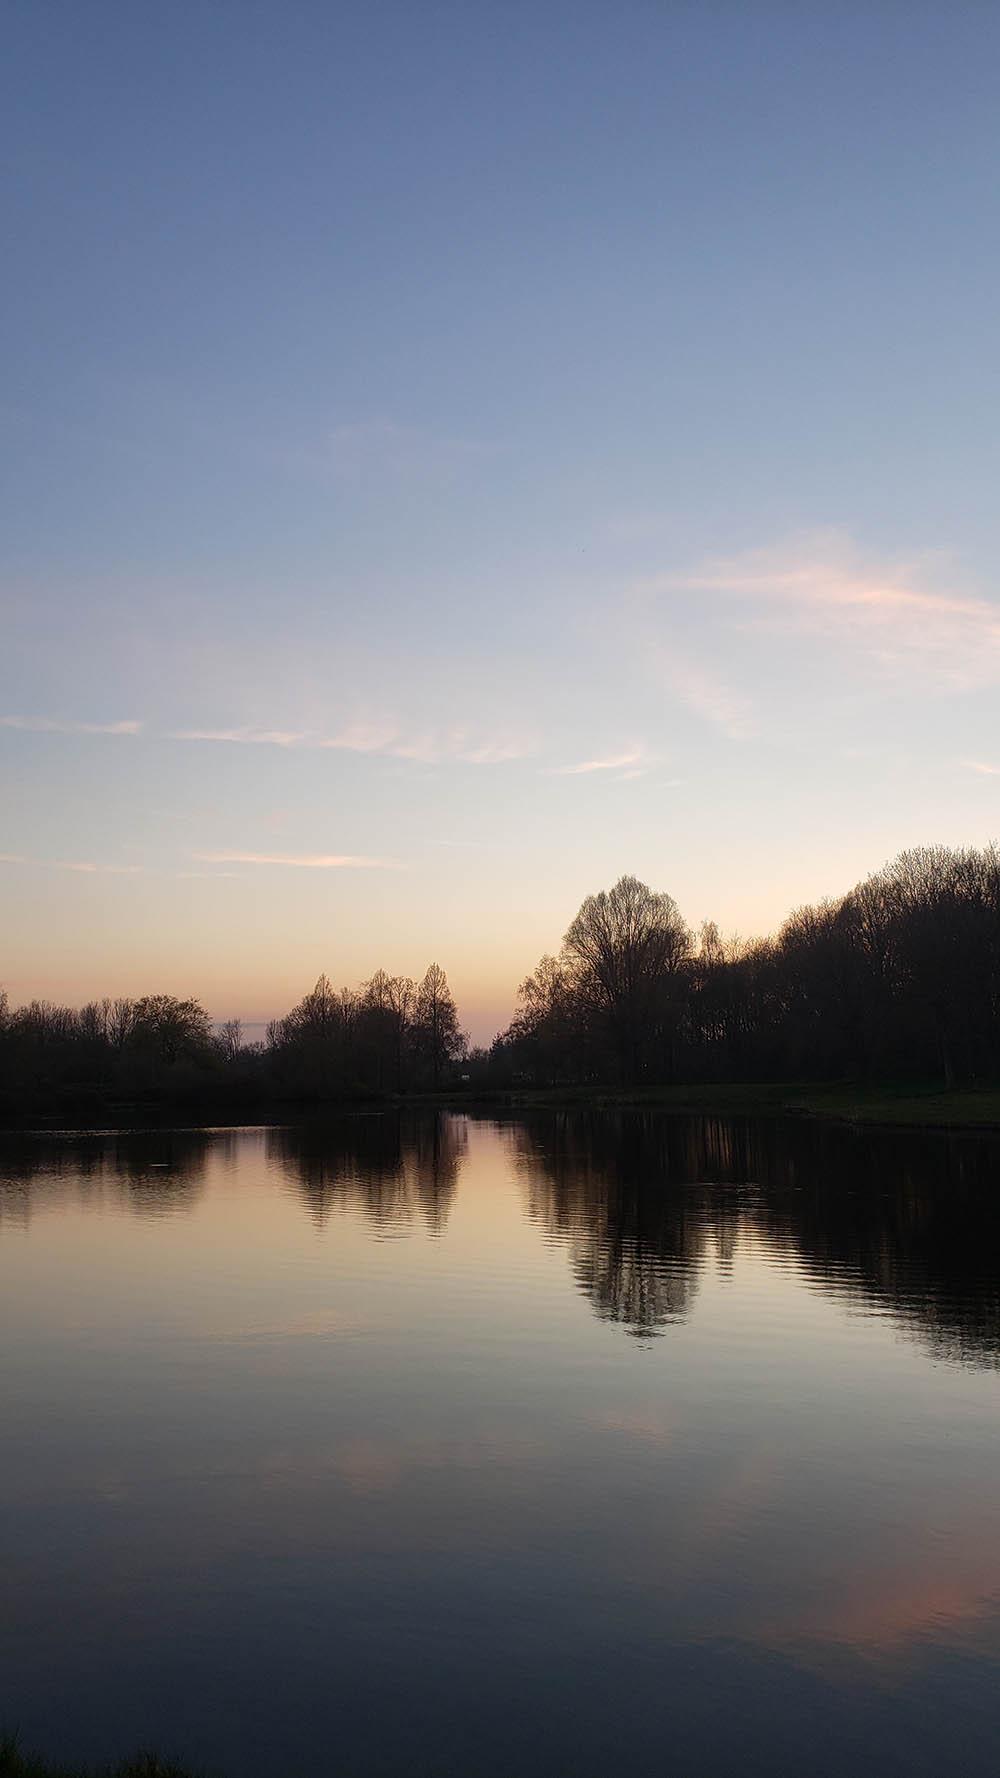 Small lake at twilight.